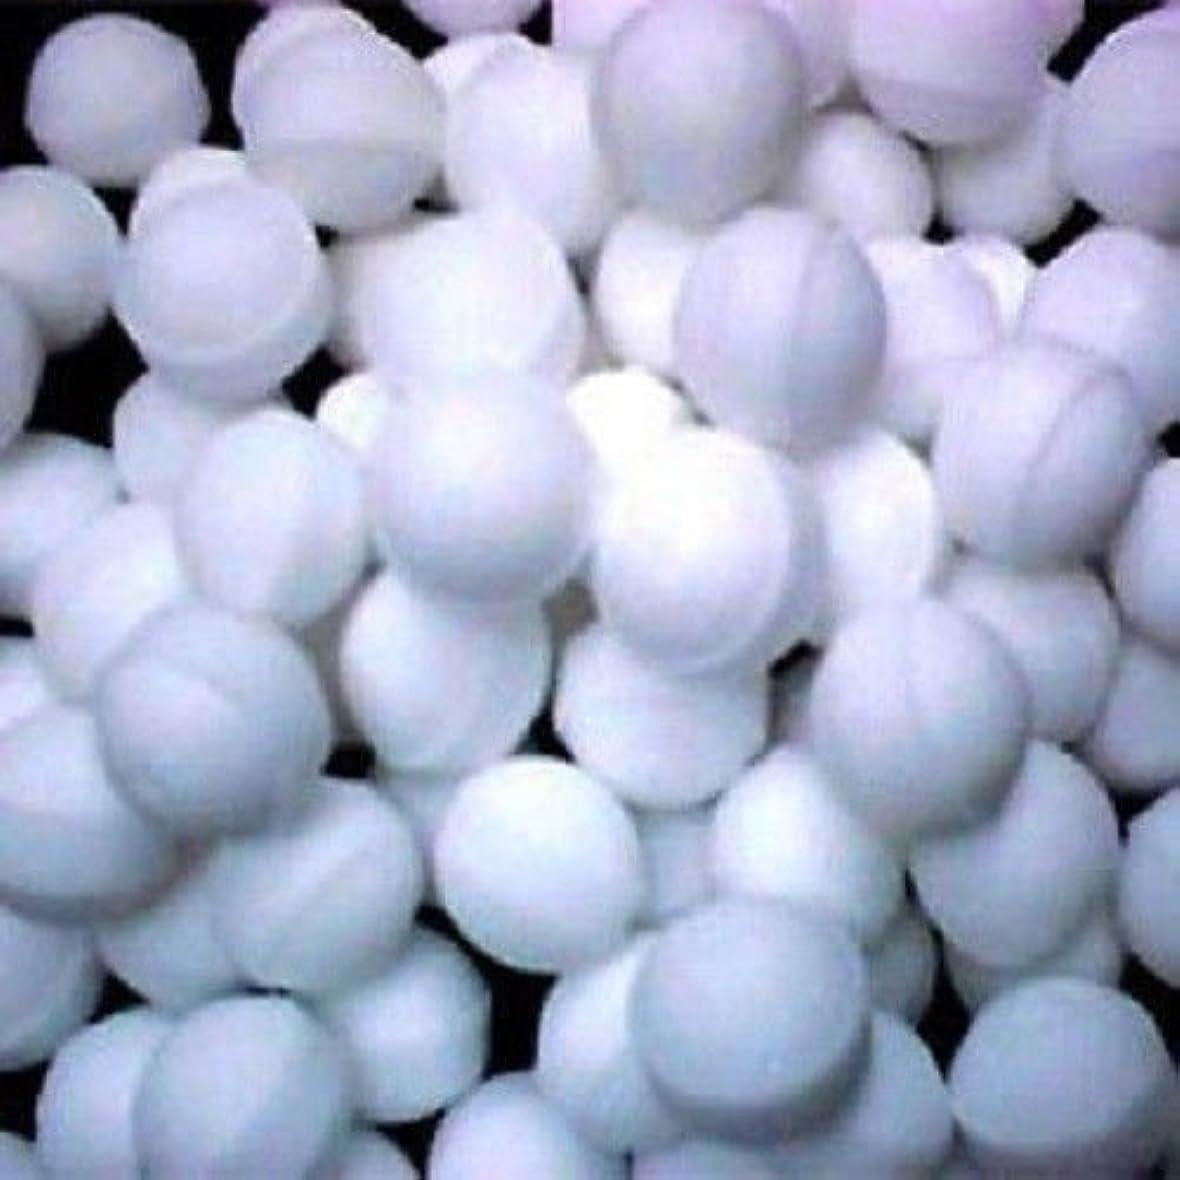 ジャグリング証言害Naphthalene Balls, Moth Balls,snow White,toilets,cupboards,books,cloth Mothballs- 50 Balls 100g Pack by Eagle...